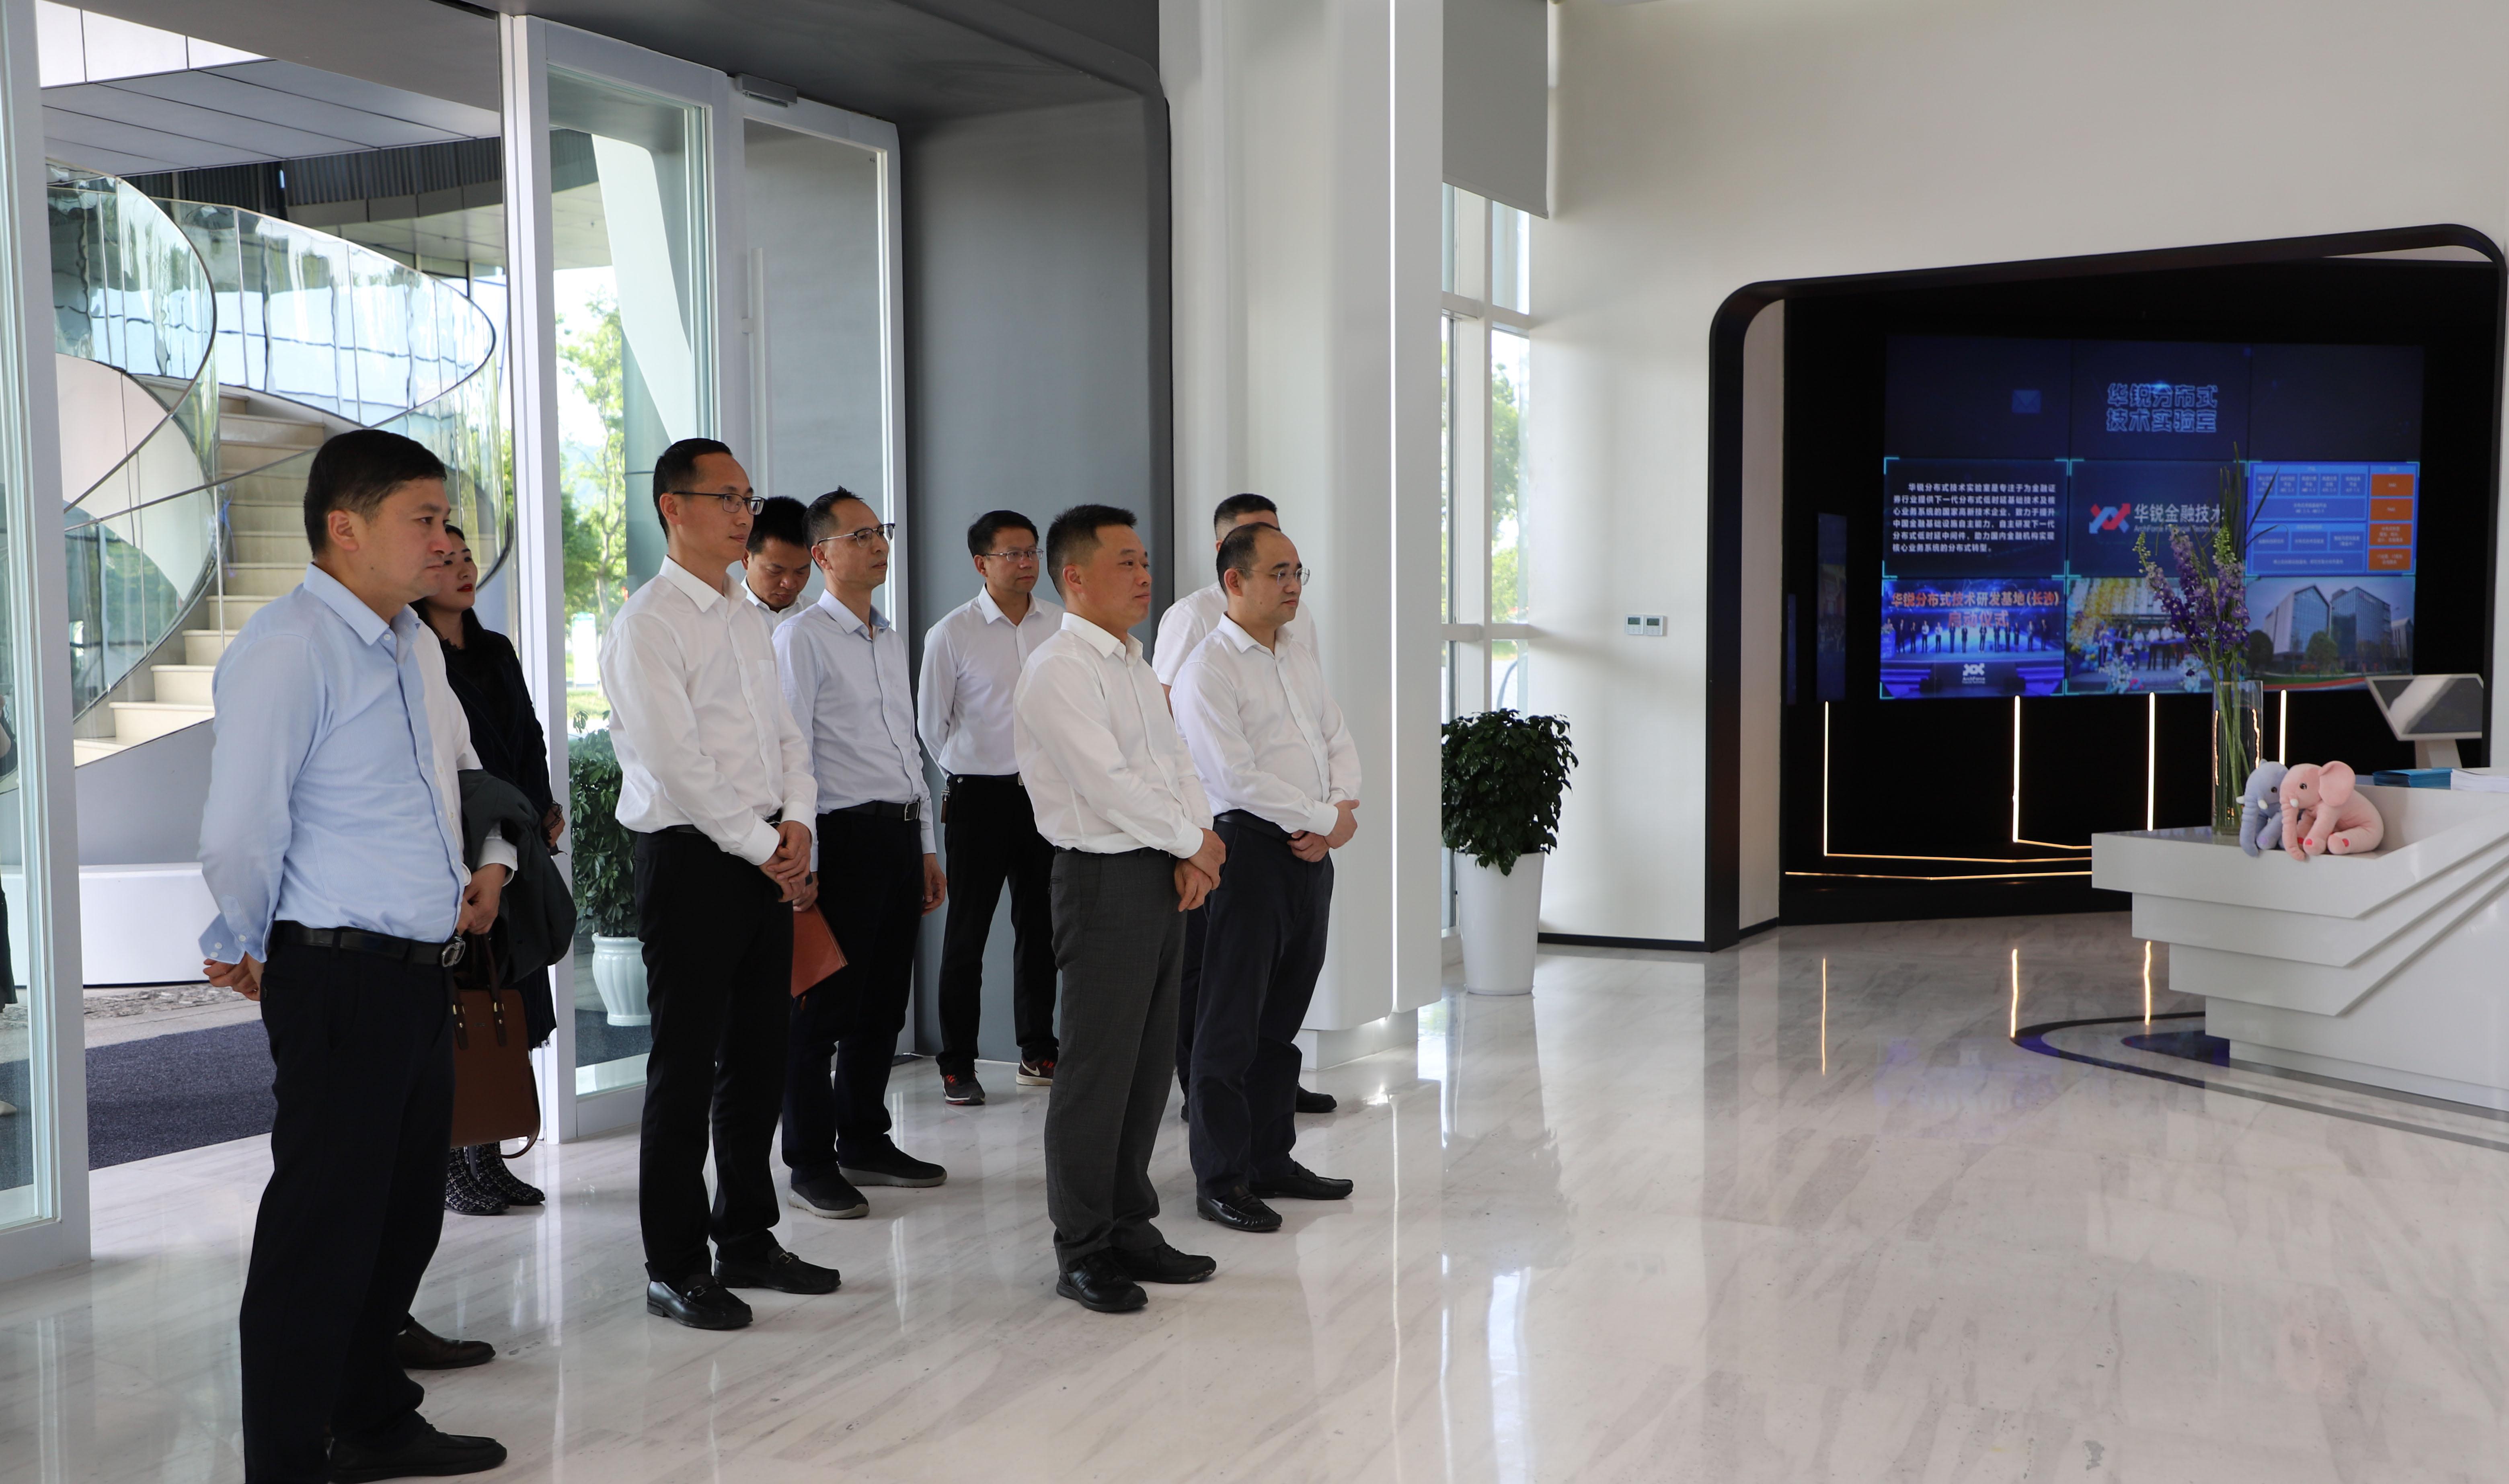 城發集團三角洲公司參觀考察中建智慧谷項目